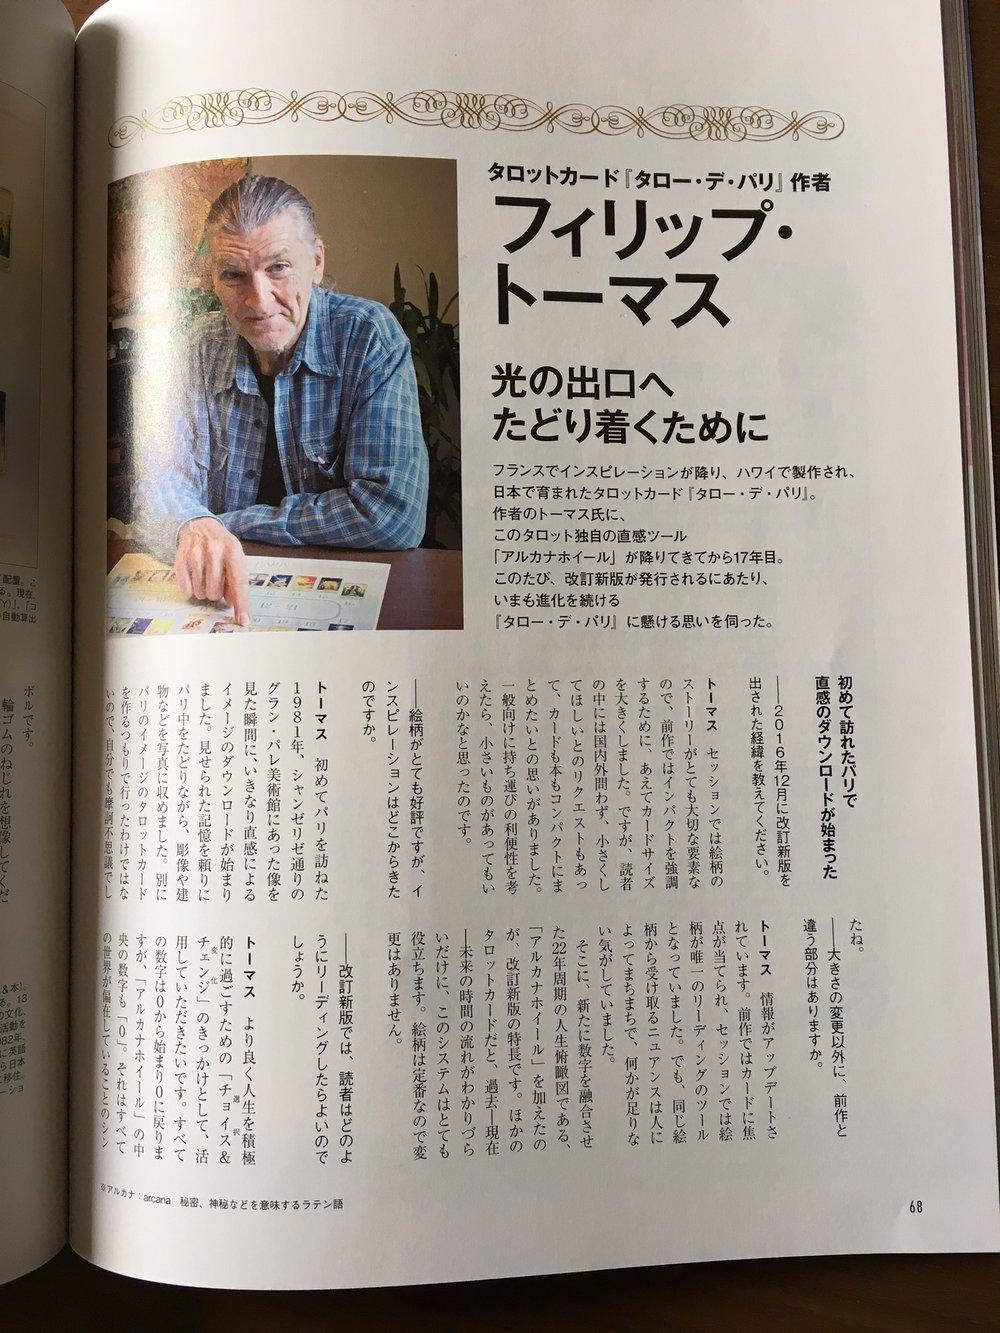 「スターピープル」2017年春号、vol.62に掲載されているフィリップの記事です